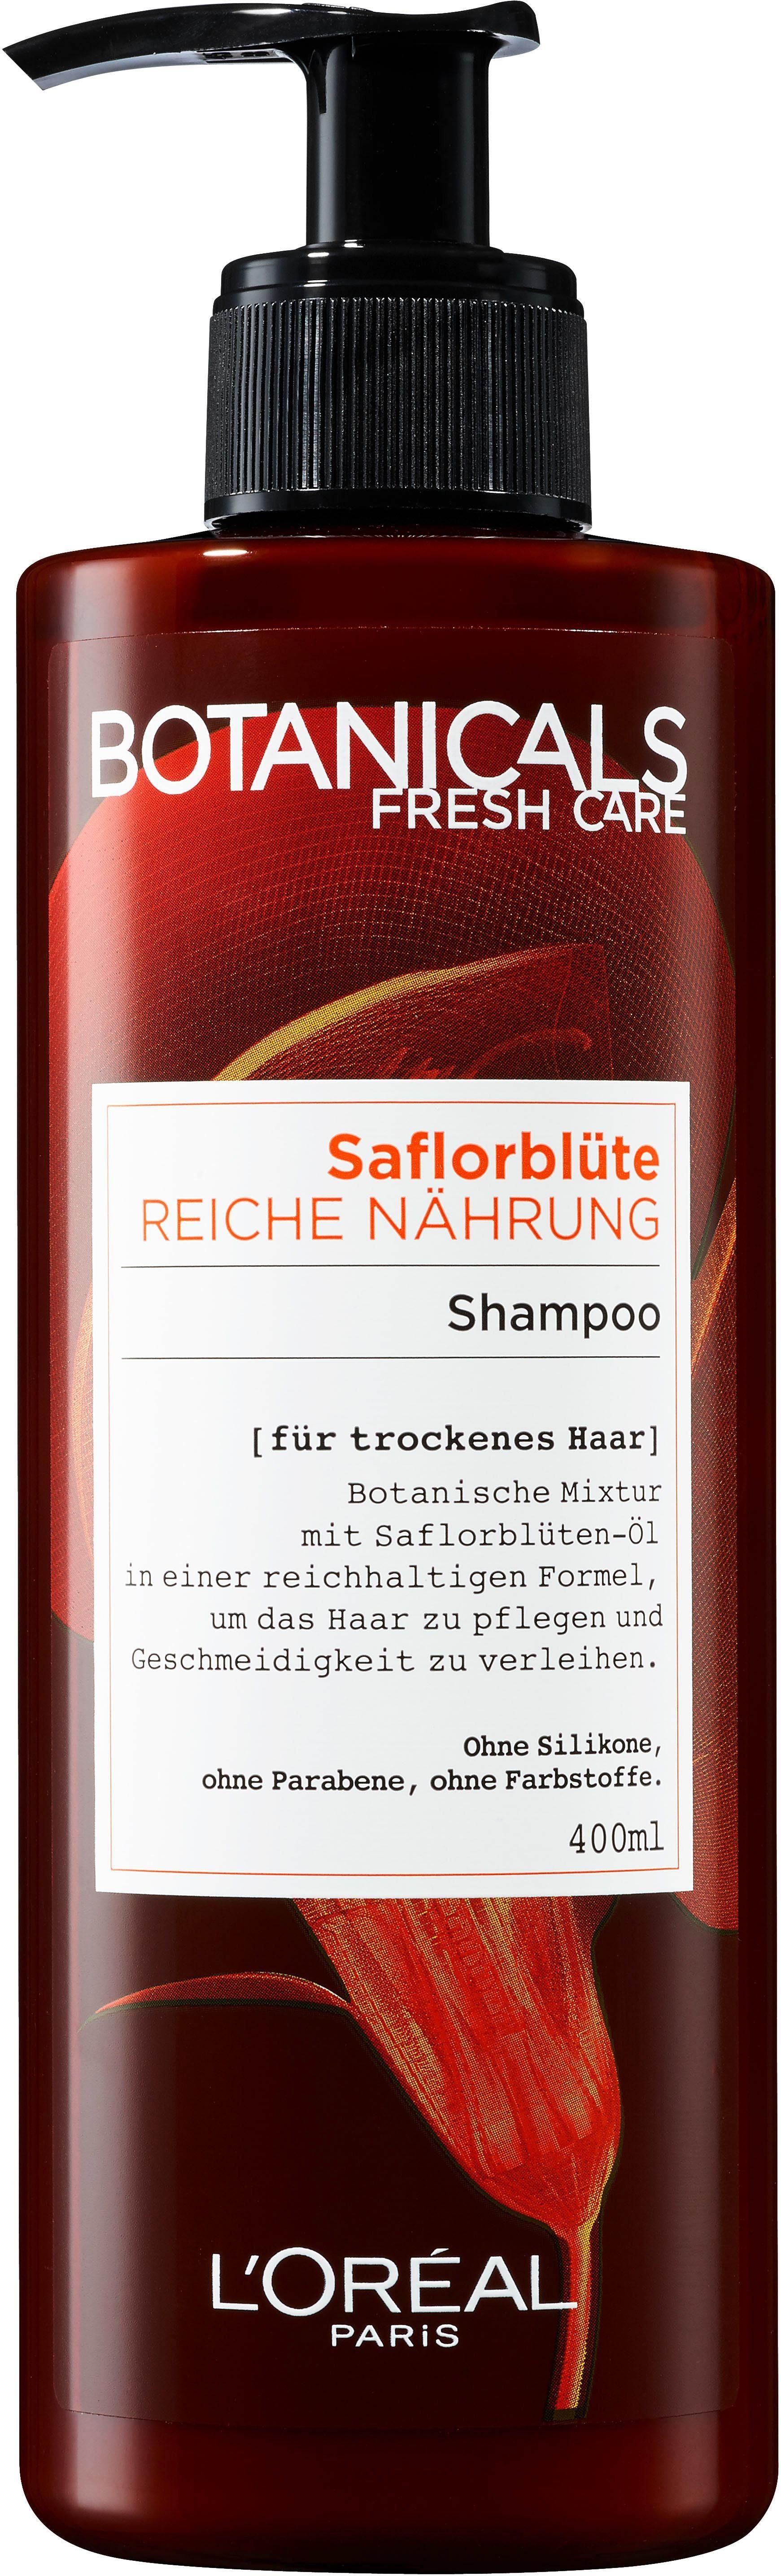 BOTANICALS, »Reichhaltige Nährung«, Shampoo